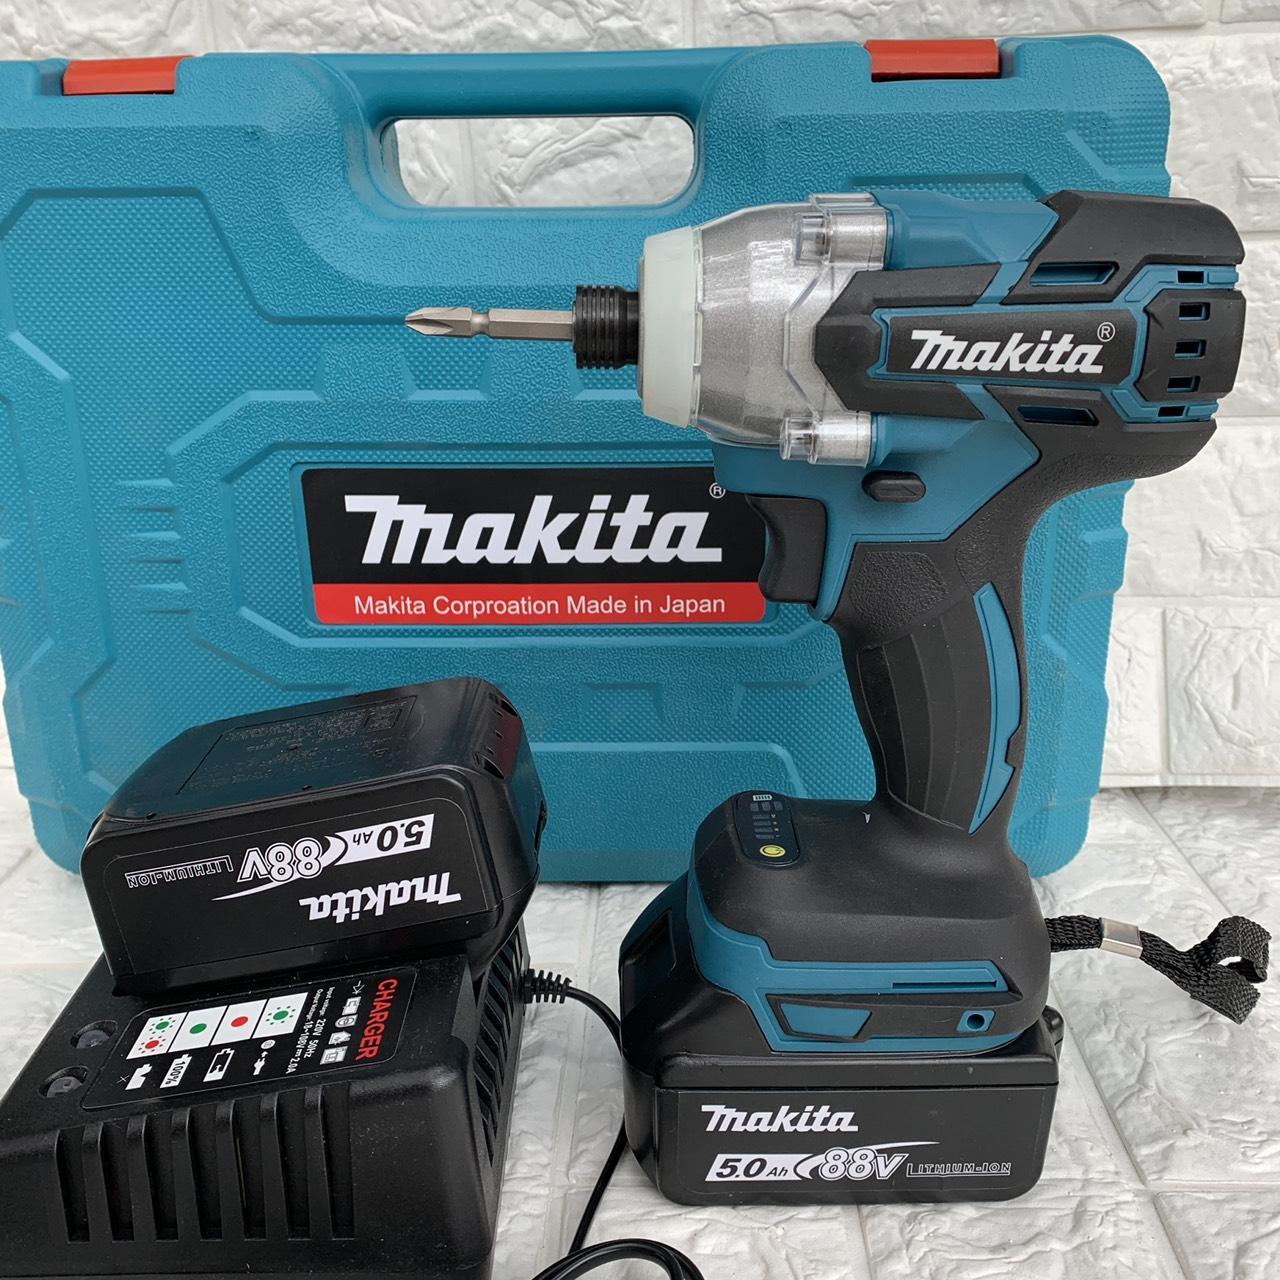 Máy khoan pin chuyên vít MAKITA không chổi than, 3 tốc độ , 2 pin 1 sạc, kèm từ tôn + mũi bắn vít